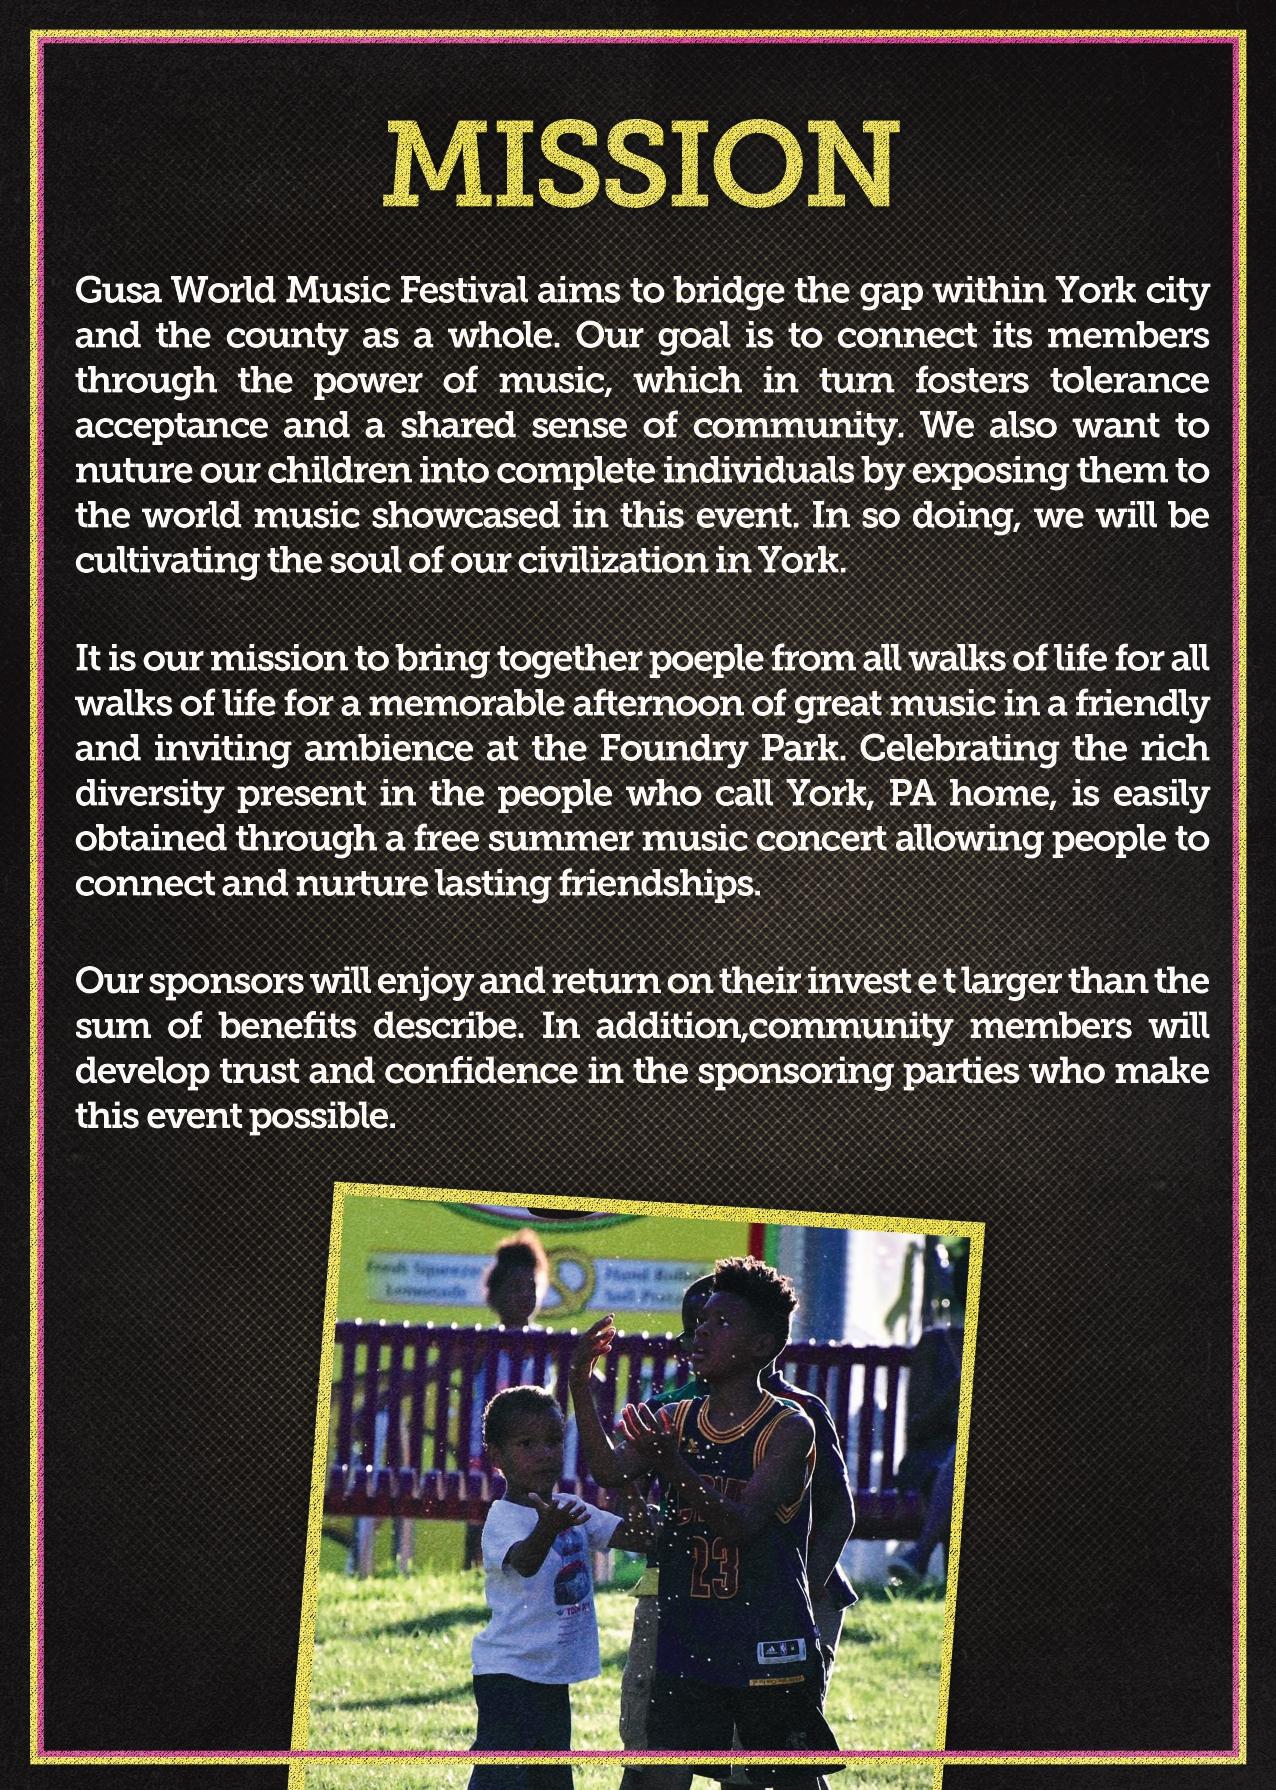 Gusa World Music Festival Sponsor Packet_page-0005.jpg